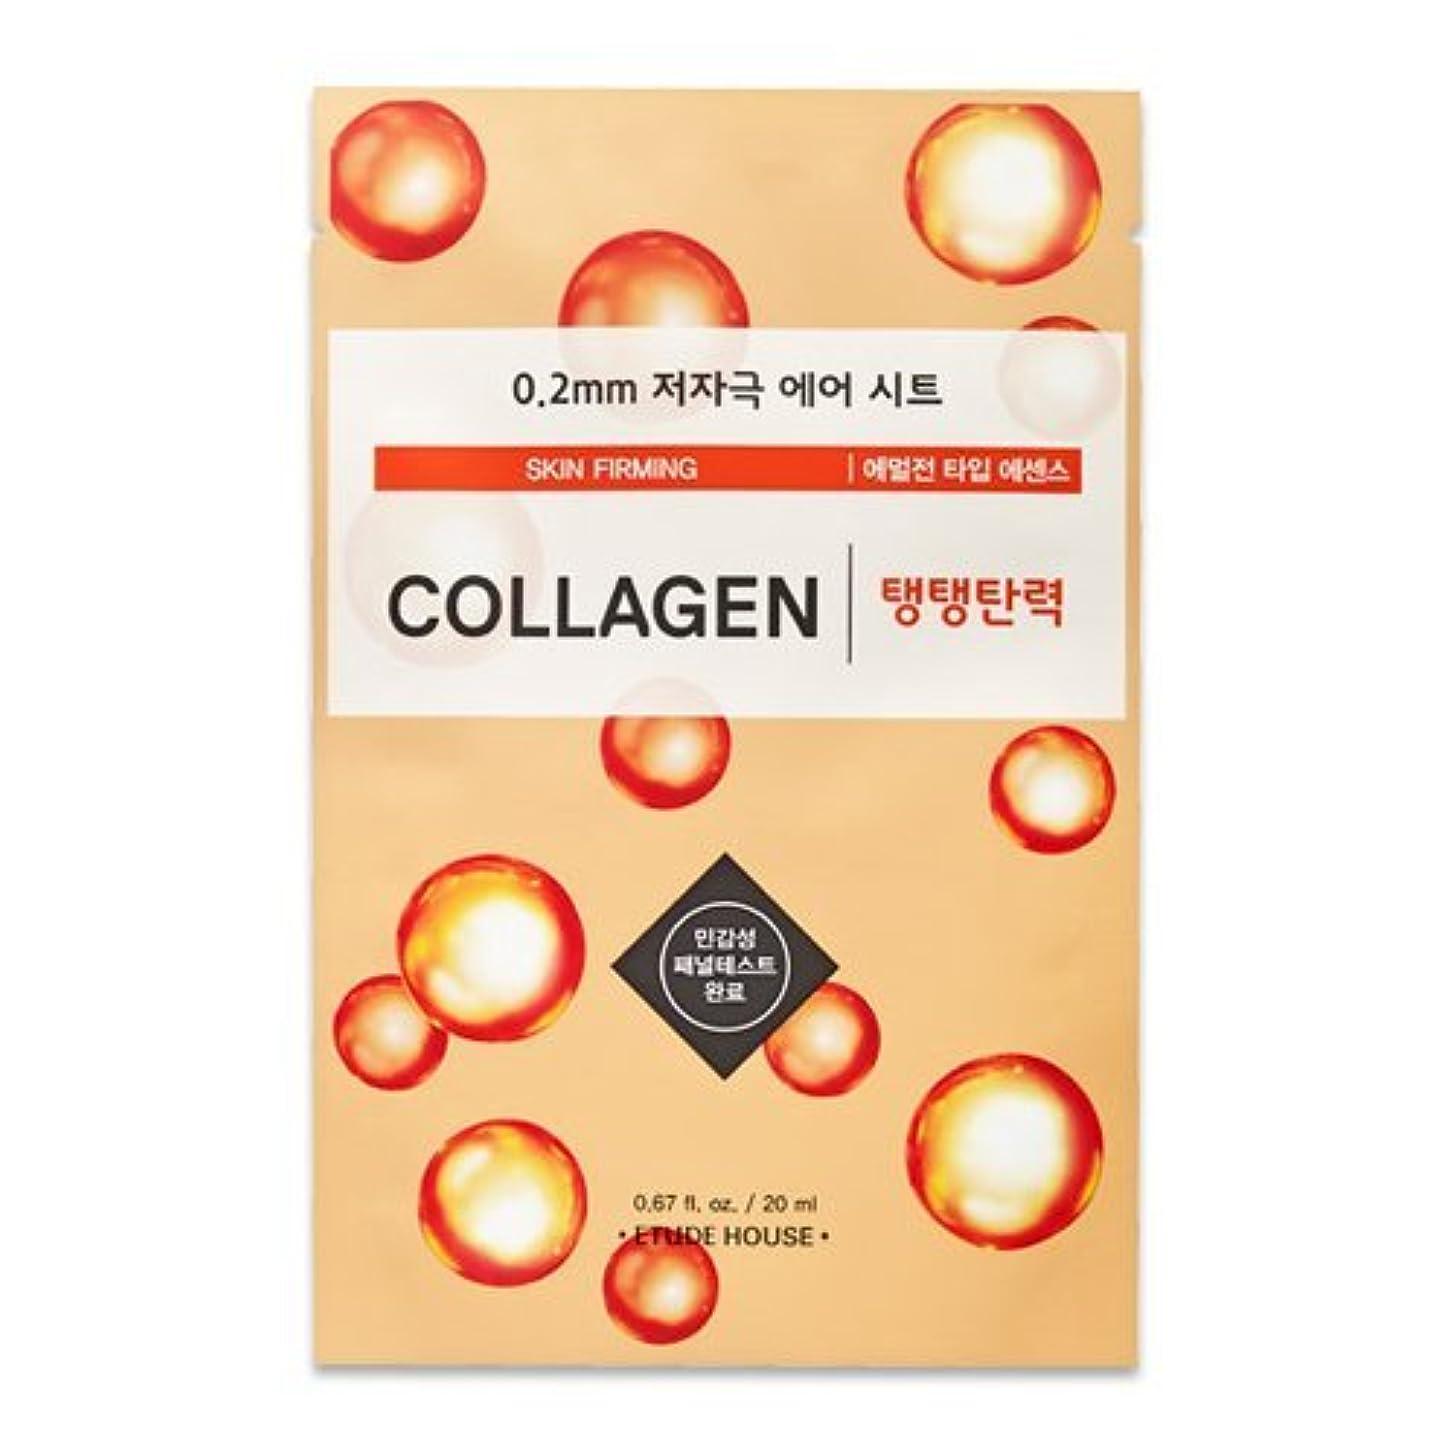 自分の力ですべてをする彼ら寛大なETUDE HOUSE 0.2 Therapy Air Mask 20ml×10ea (#12 Collagen)/エチュードハウス 0.2 セラピー エア マスク 20ml×10枚 (#12 Collagen)